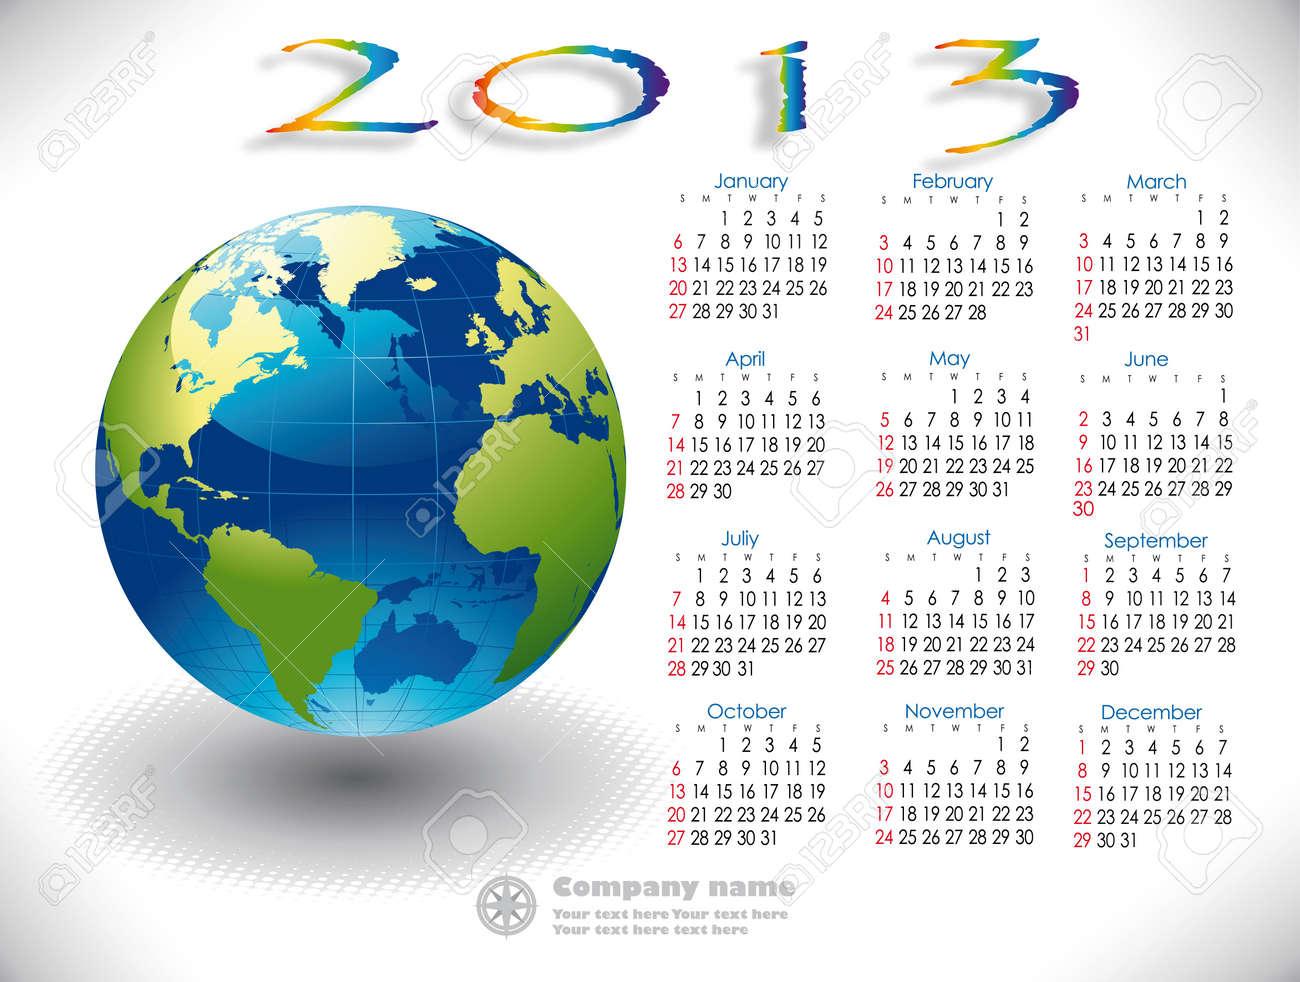 World Calendar 2013 English version Stock Vector - 15789180